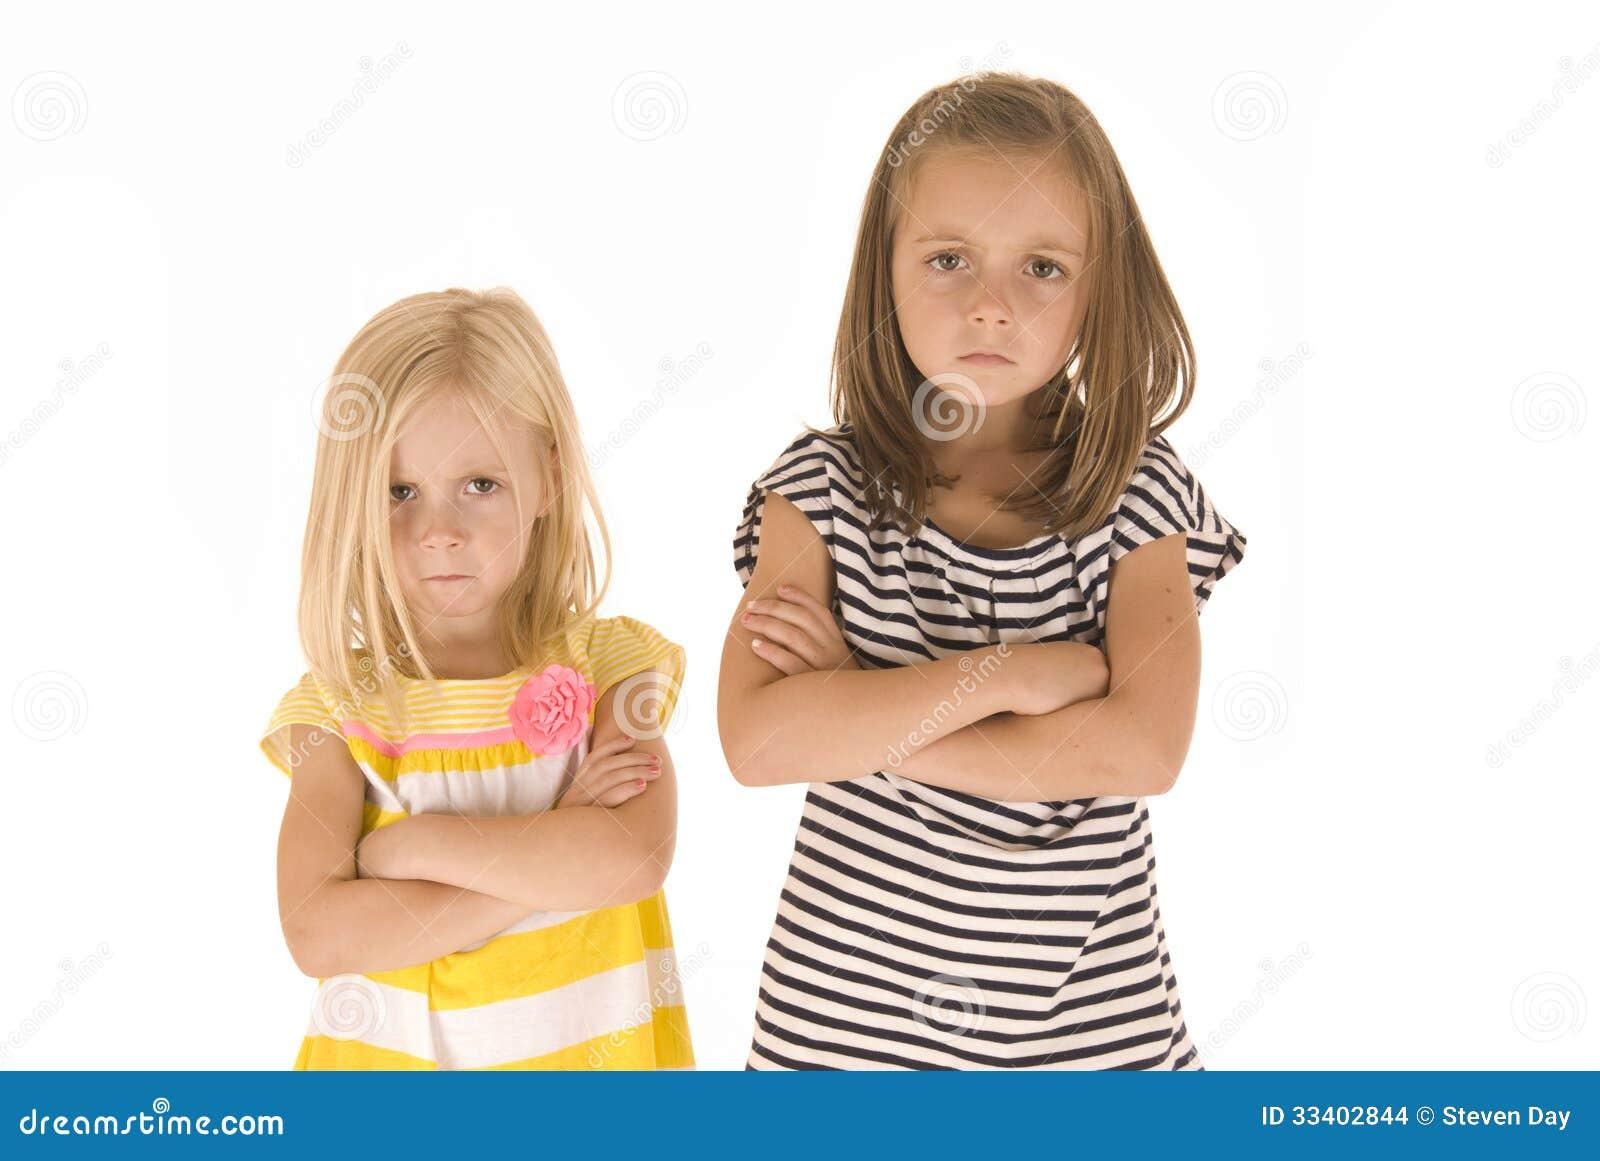 Zwei Nette Junge Mädchen Wütend Und Schmollen Stockbilder - Bild ...